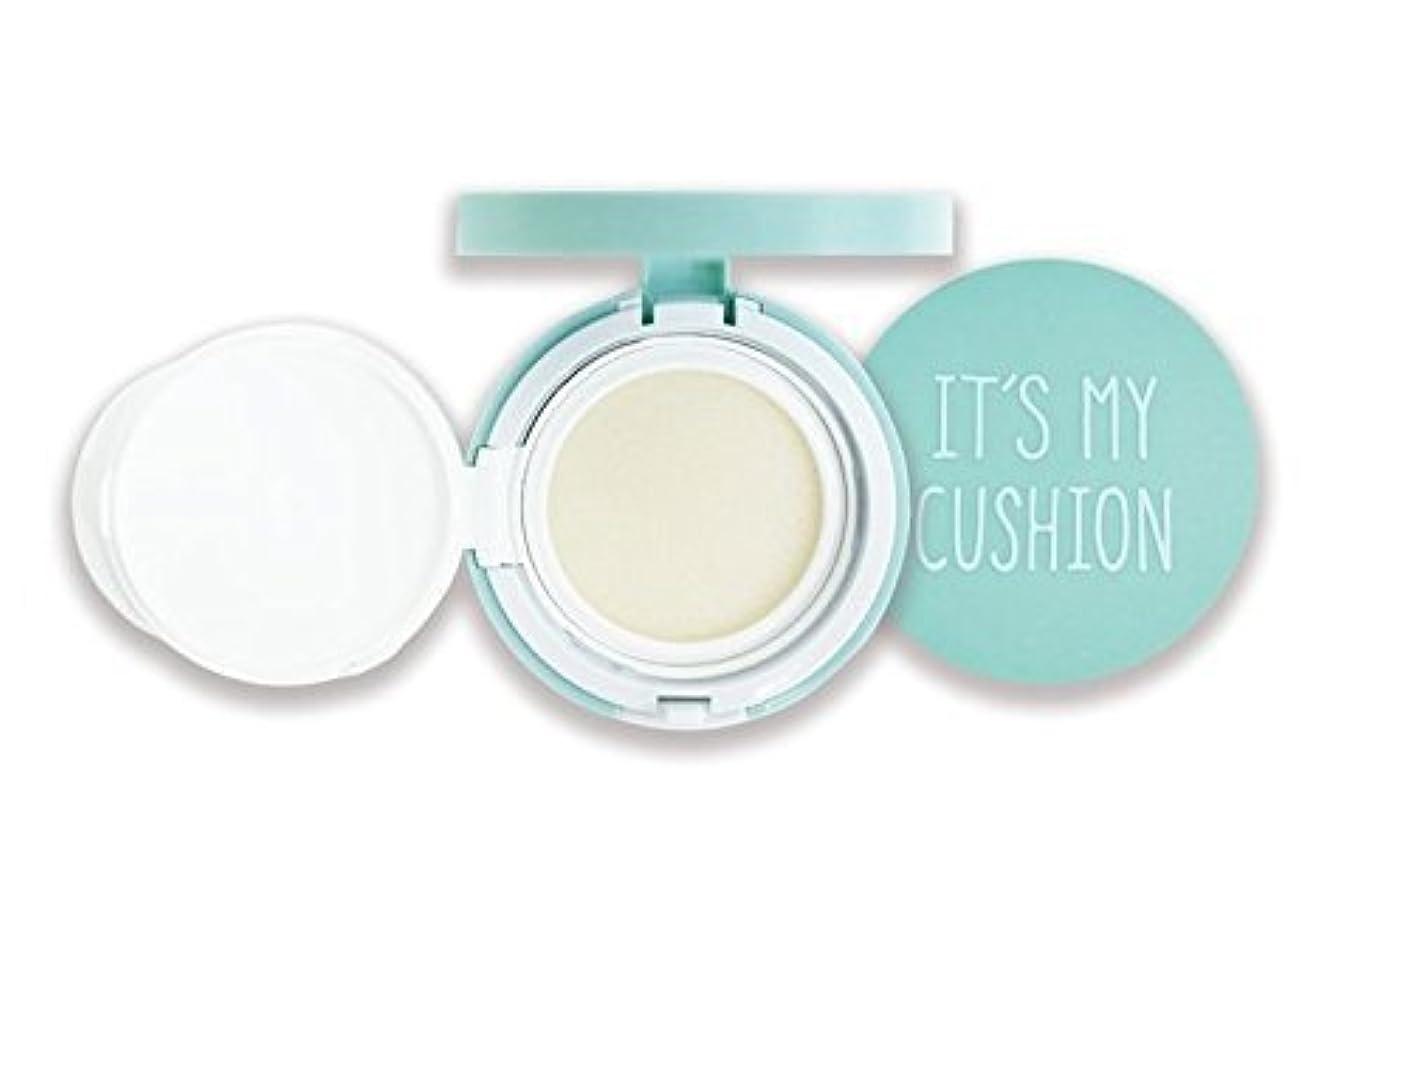 想像するフレキシブル結核Its My Cushion ケース DIY BB クッションパクト コスメティックケース スポンジ付き、 内部ケース、 自分で作るコスメティックケース (クッションケー スカラー : ミント) (Mint Case) [並行輸入品]